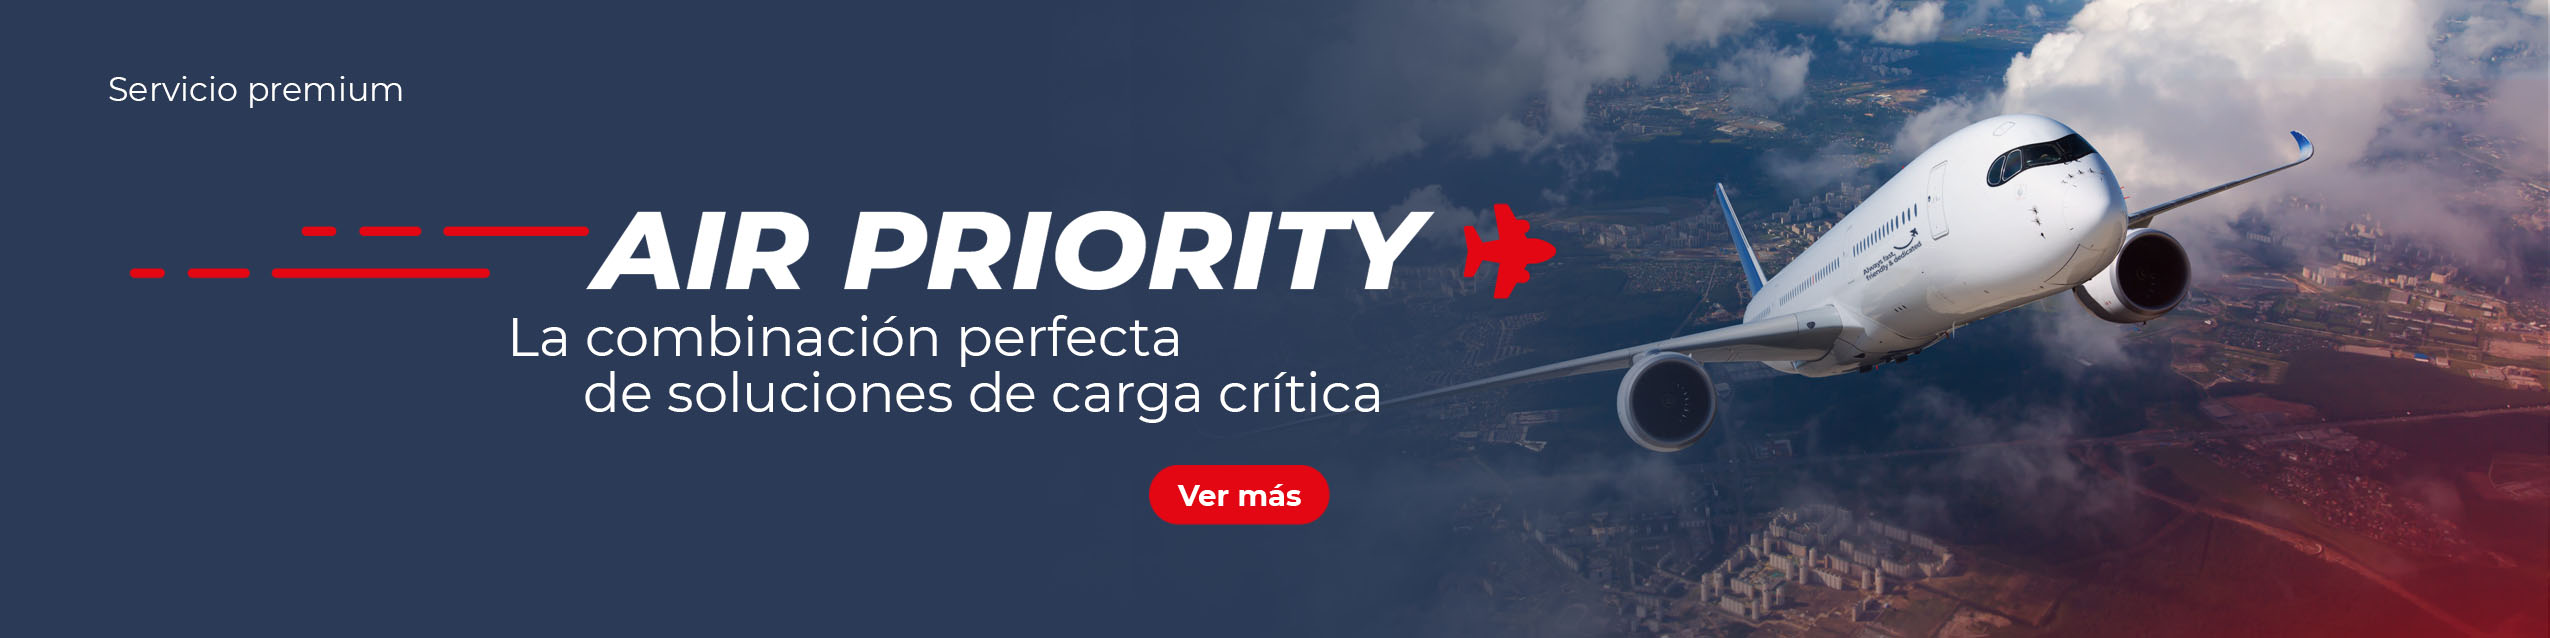 Air priority